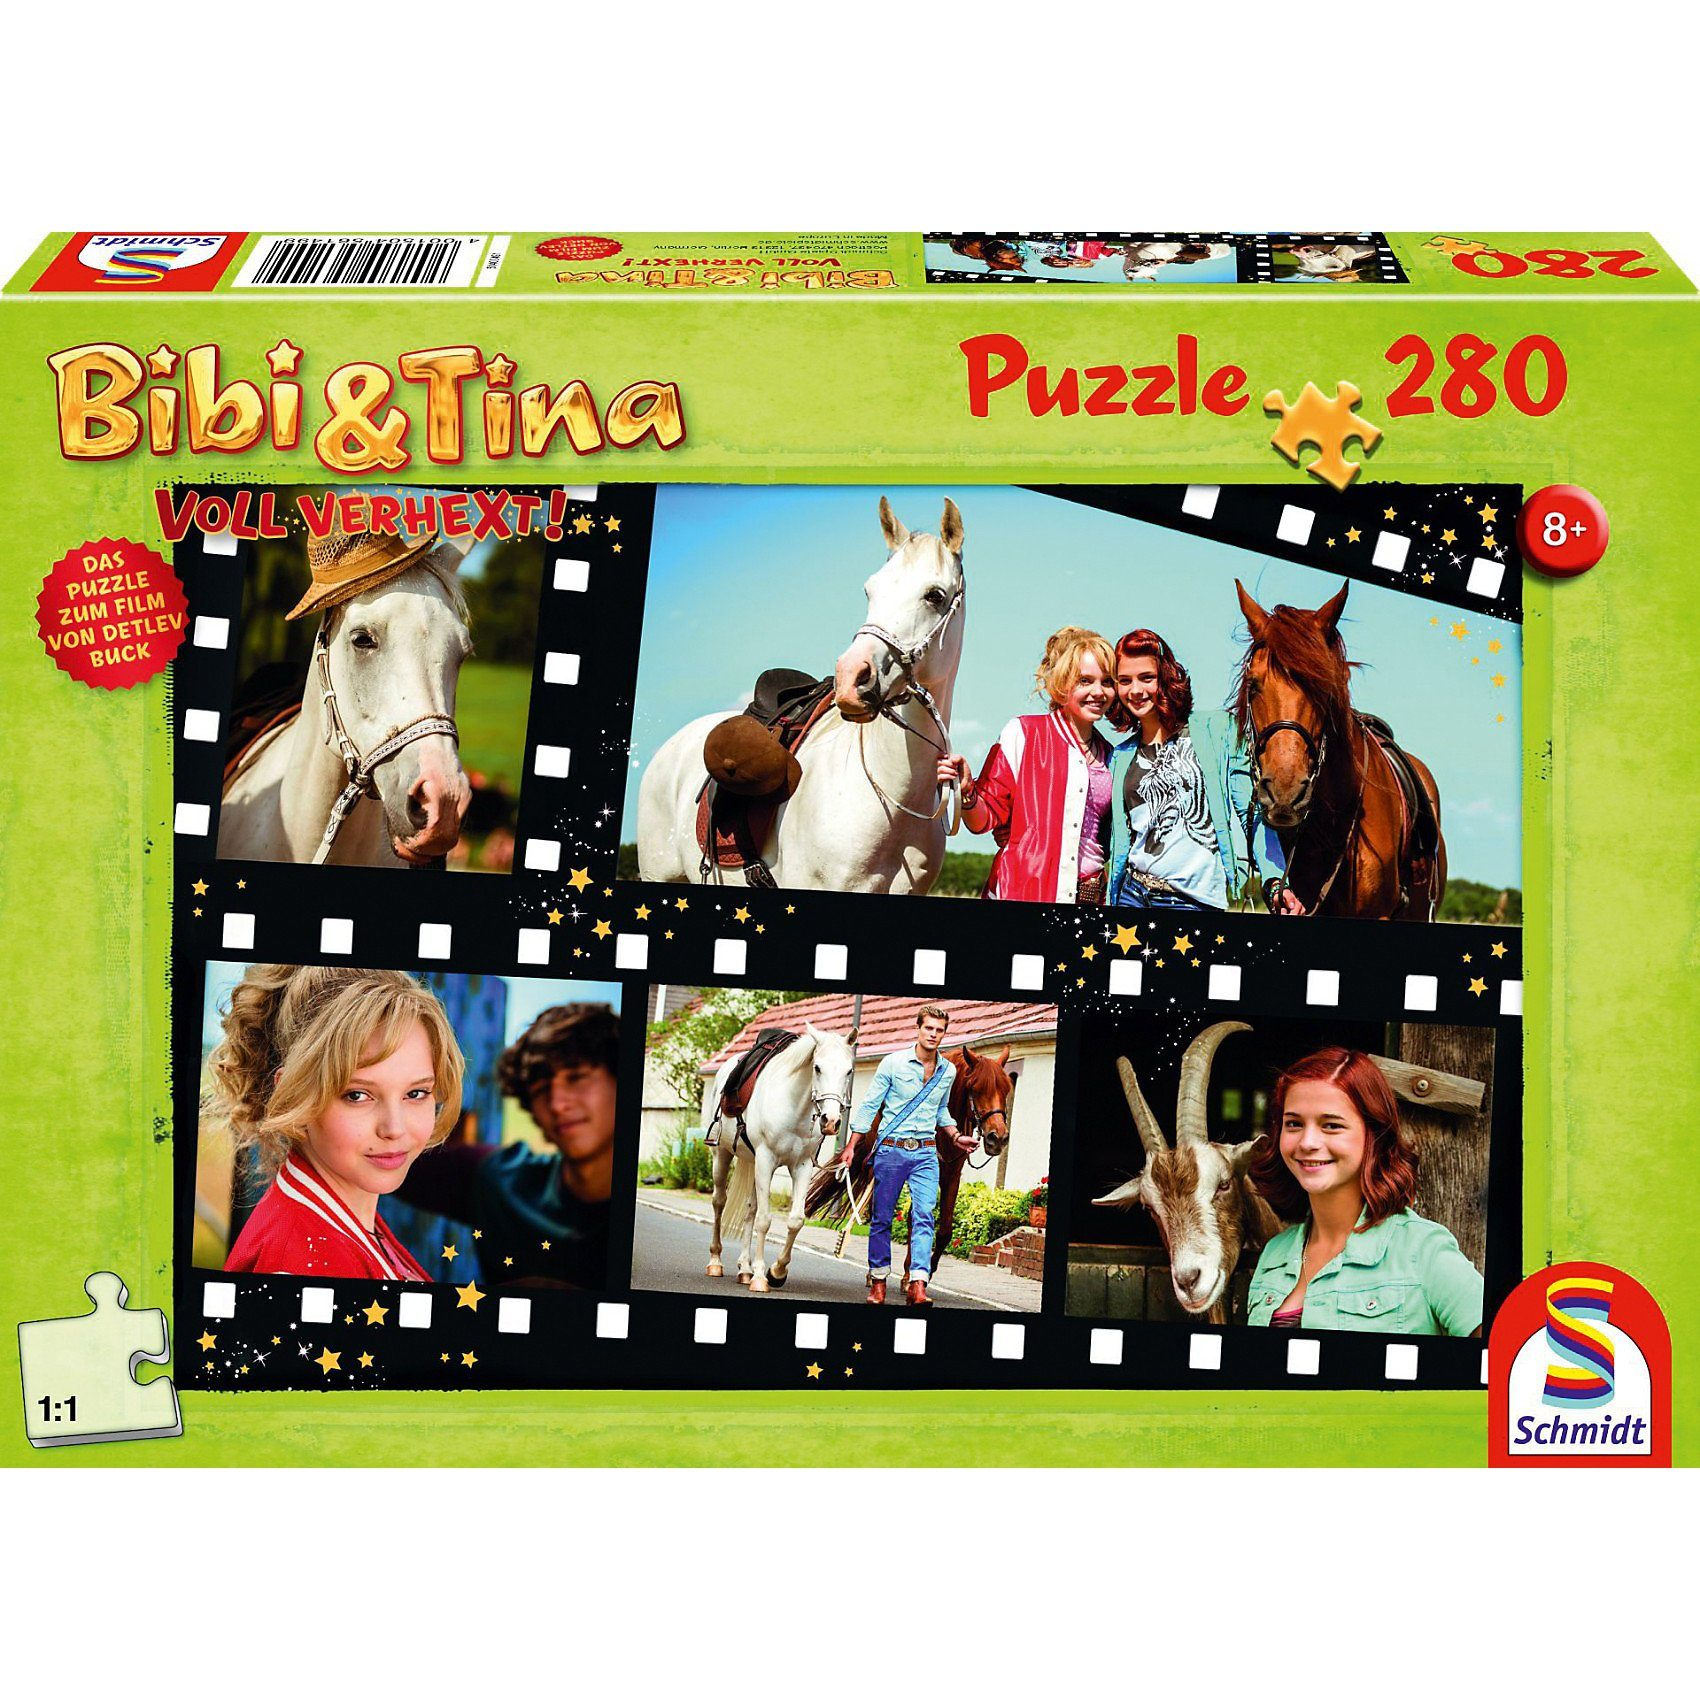 Schmidt Spiele Puzzle zum Film Bibi & Tina 2, Voll verhext, 280 Teile